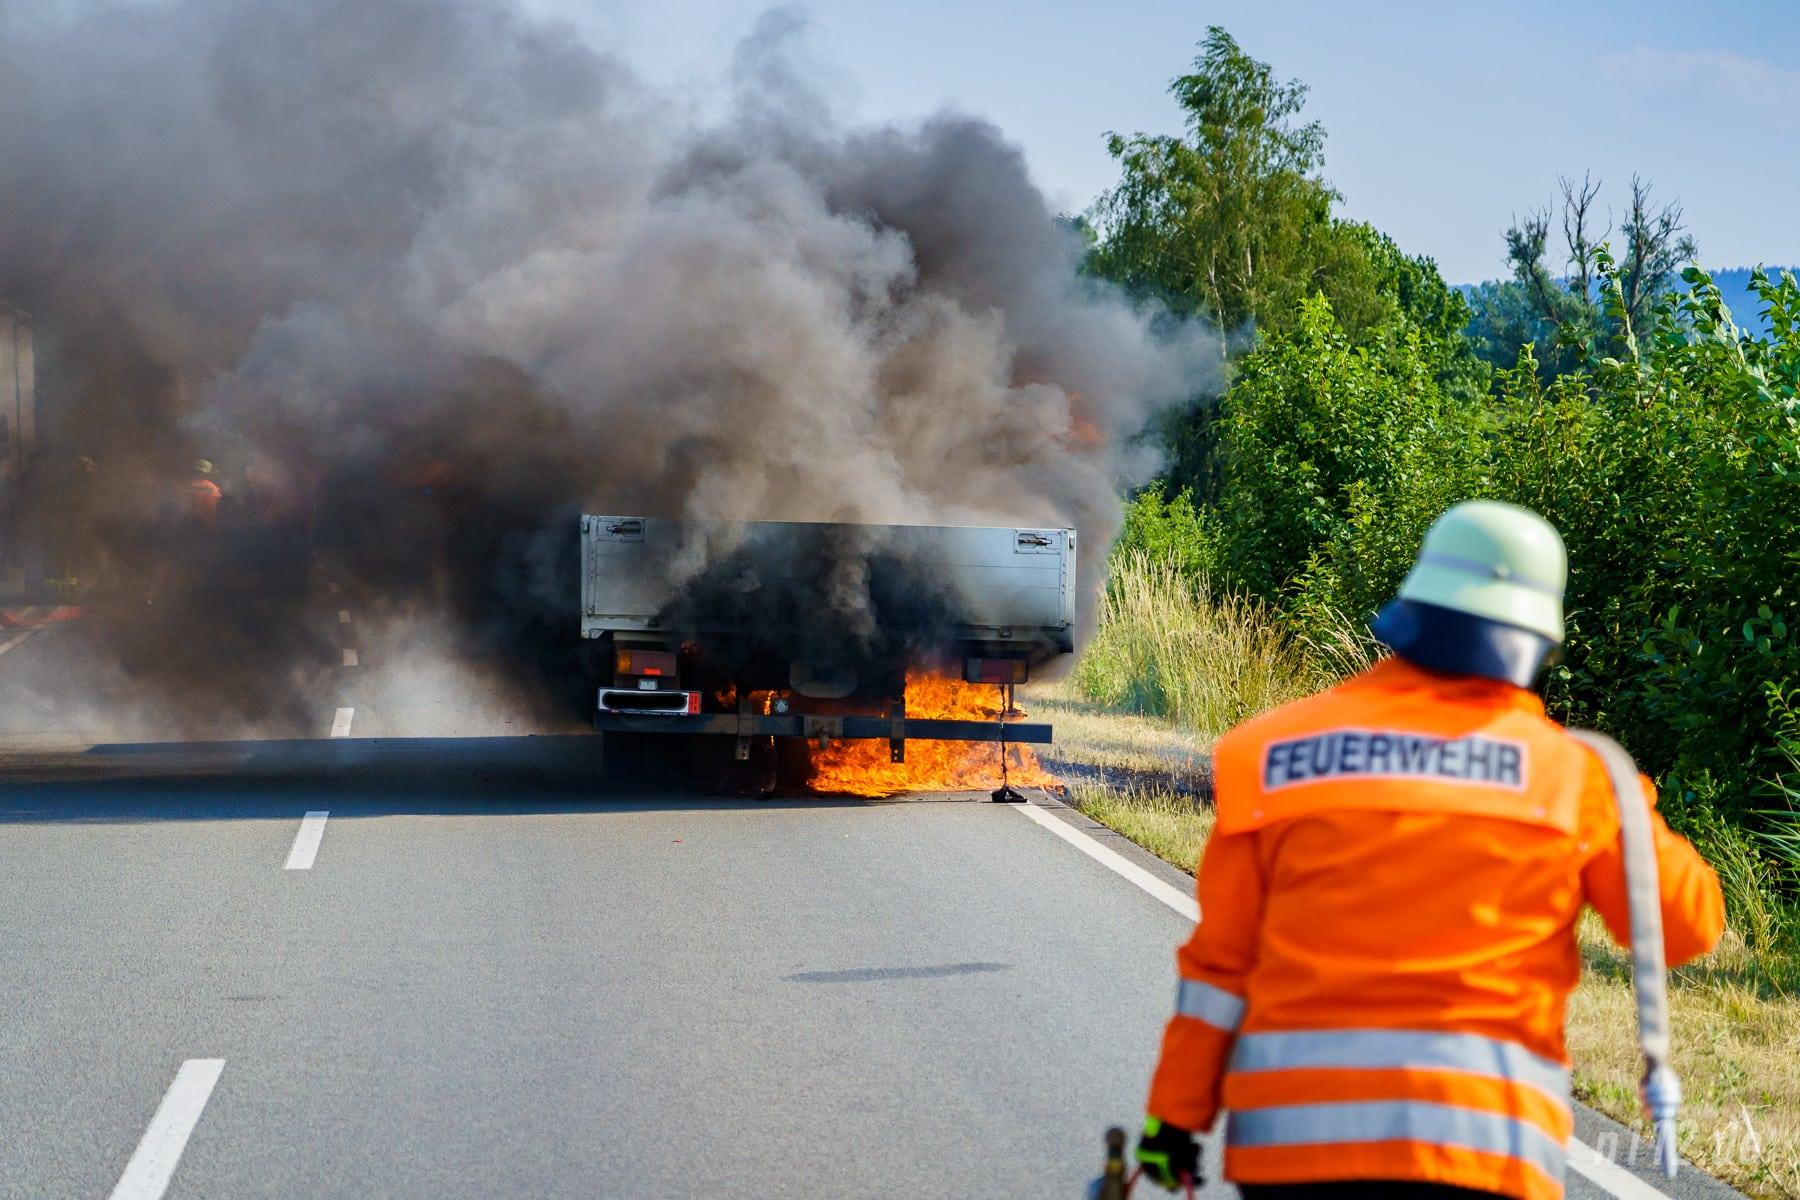 Flammen schlagen aus dem Kleinlastwagen (Foto: n112.de/Stefan Simonsen)